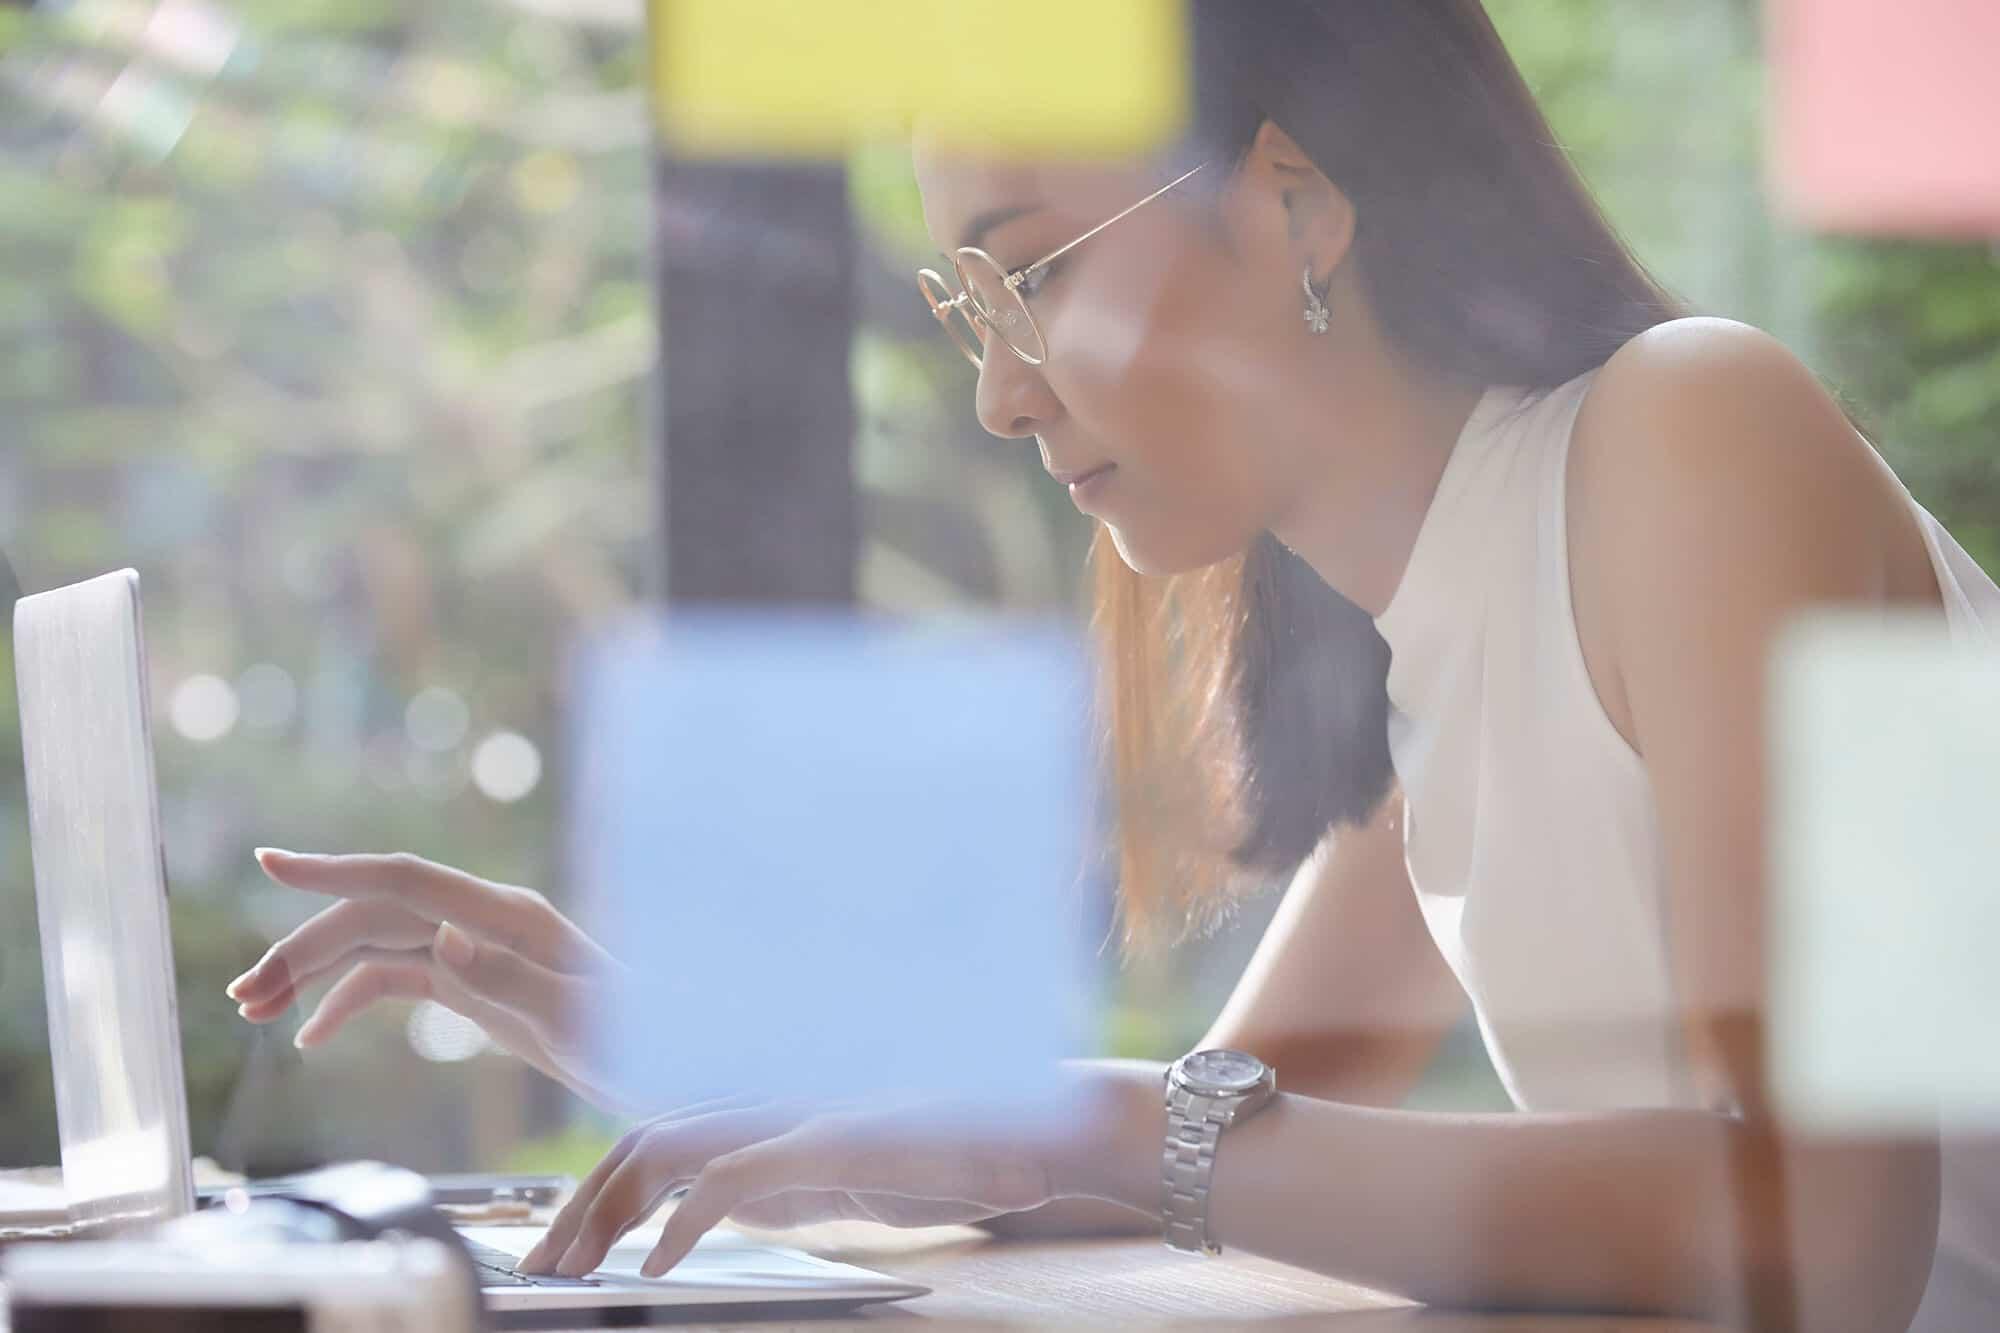 パソコンを操作している女性